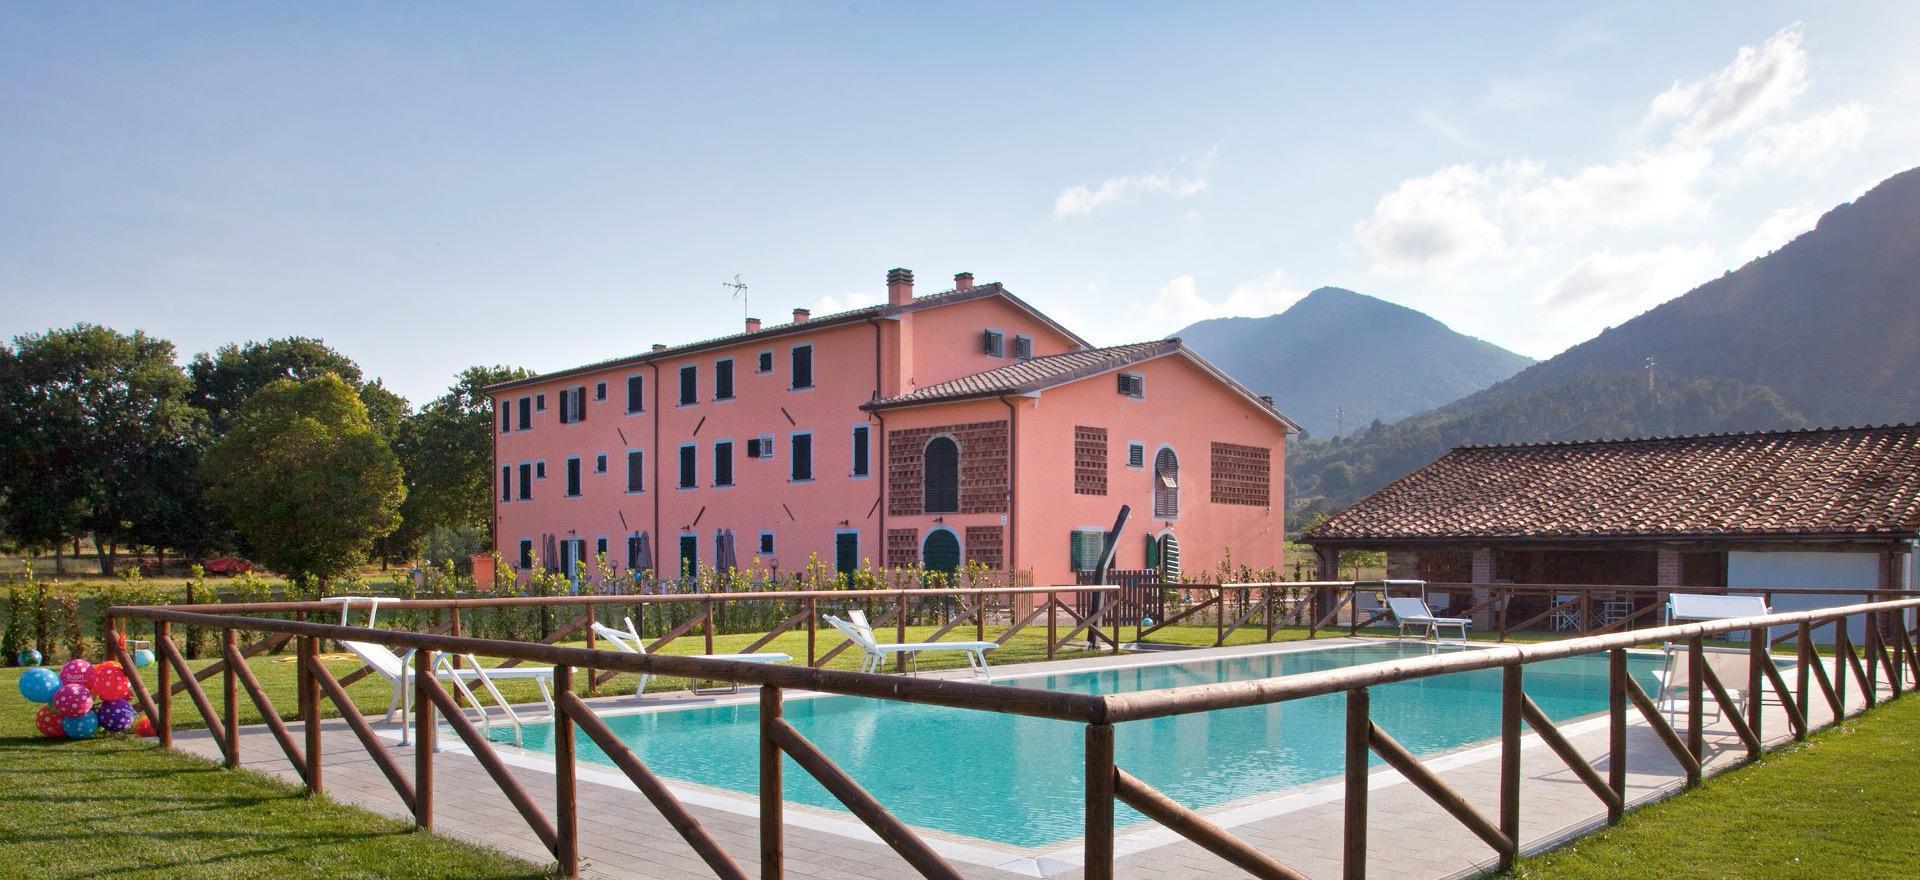 Agriturismo Toscane Kindvriendelijk en gezellige agriturismo bij Lucca